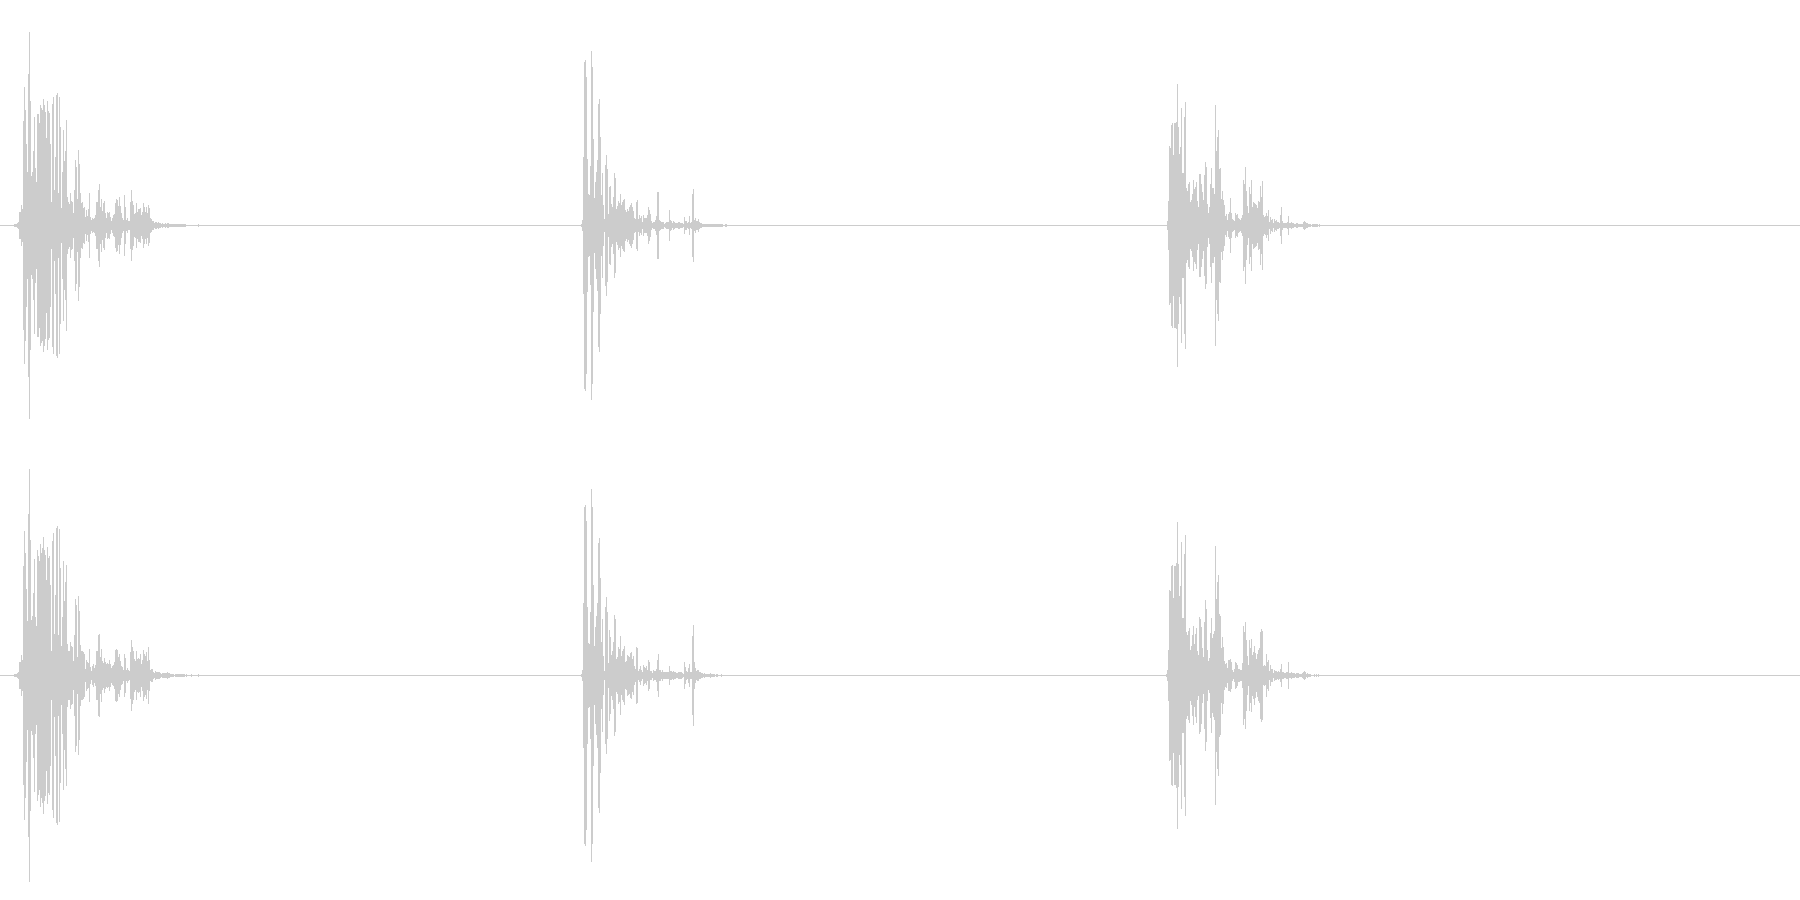 [生録音]ゴクゴク飲み込む音05(3回)の未再生の波形